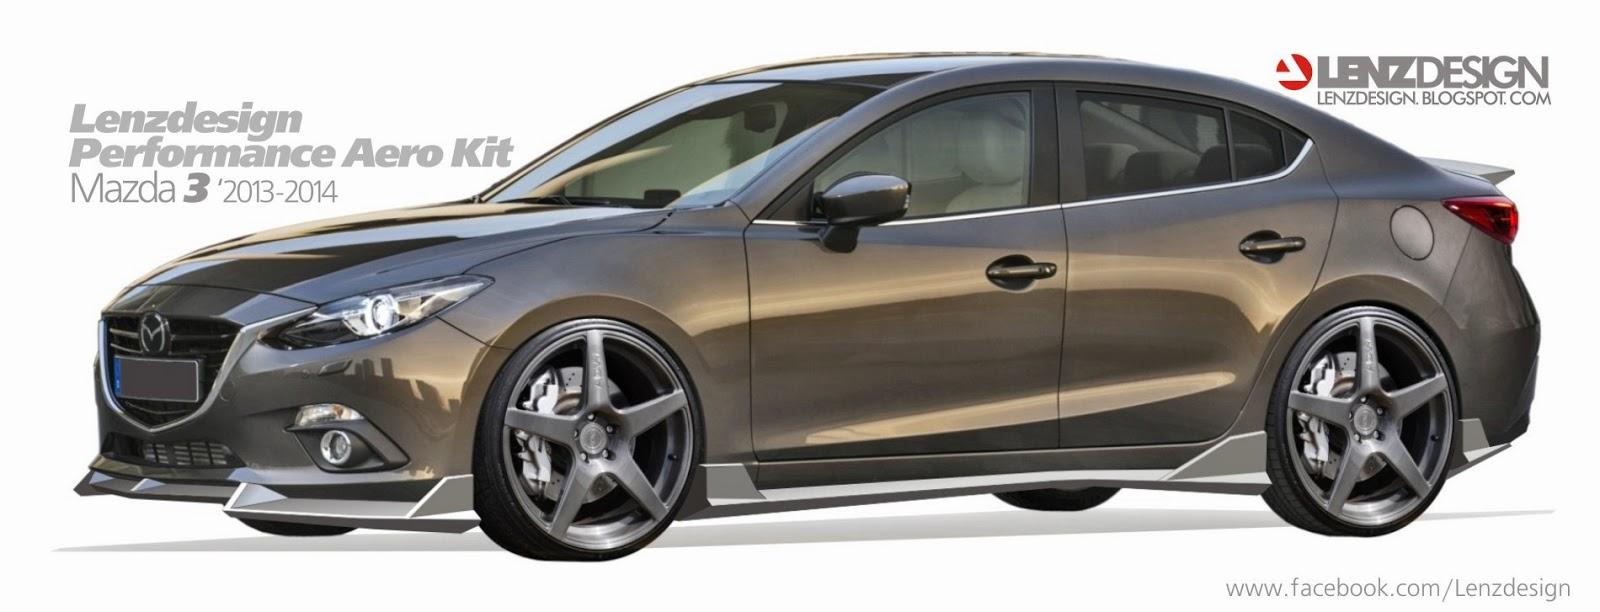 Mazda 3 2014 Tuning Body Kit Project Lenzdesign